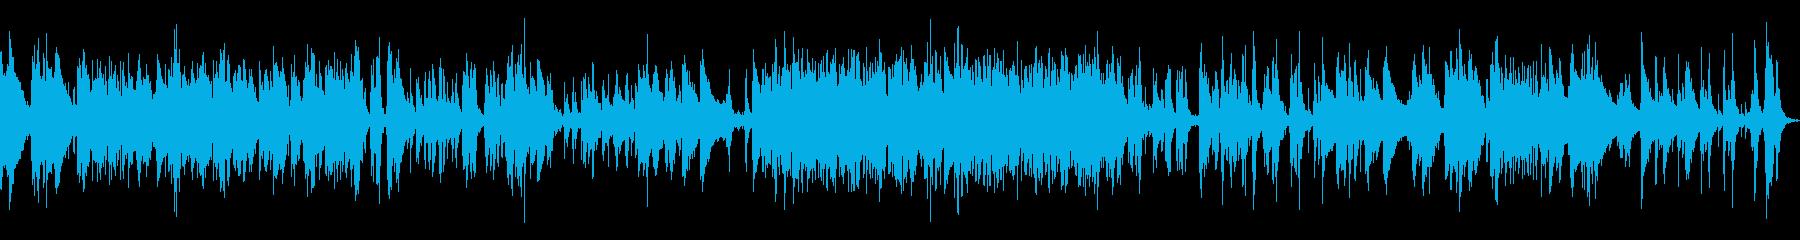 アップテンポなジャズピアノトラックの再生済みの波形